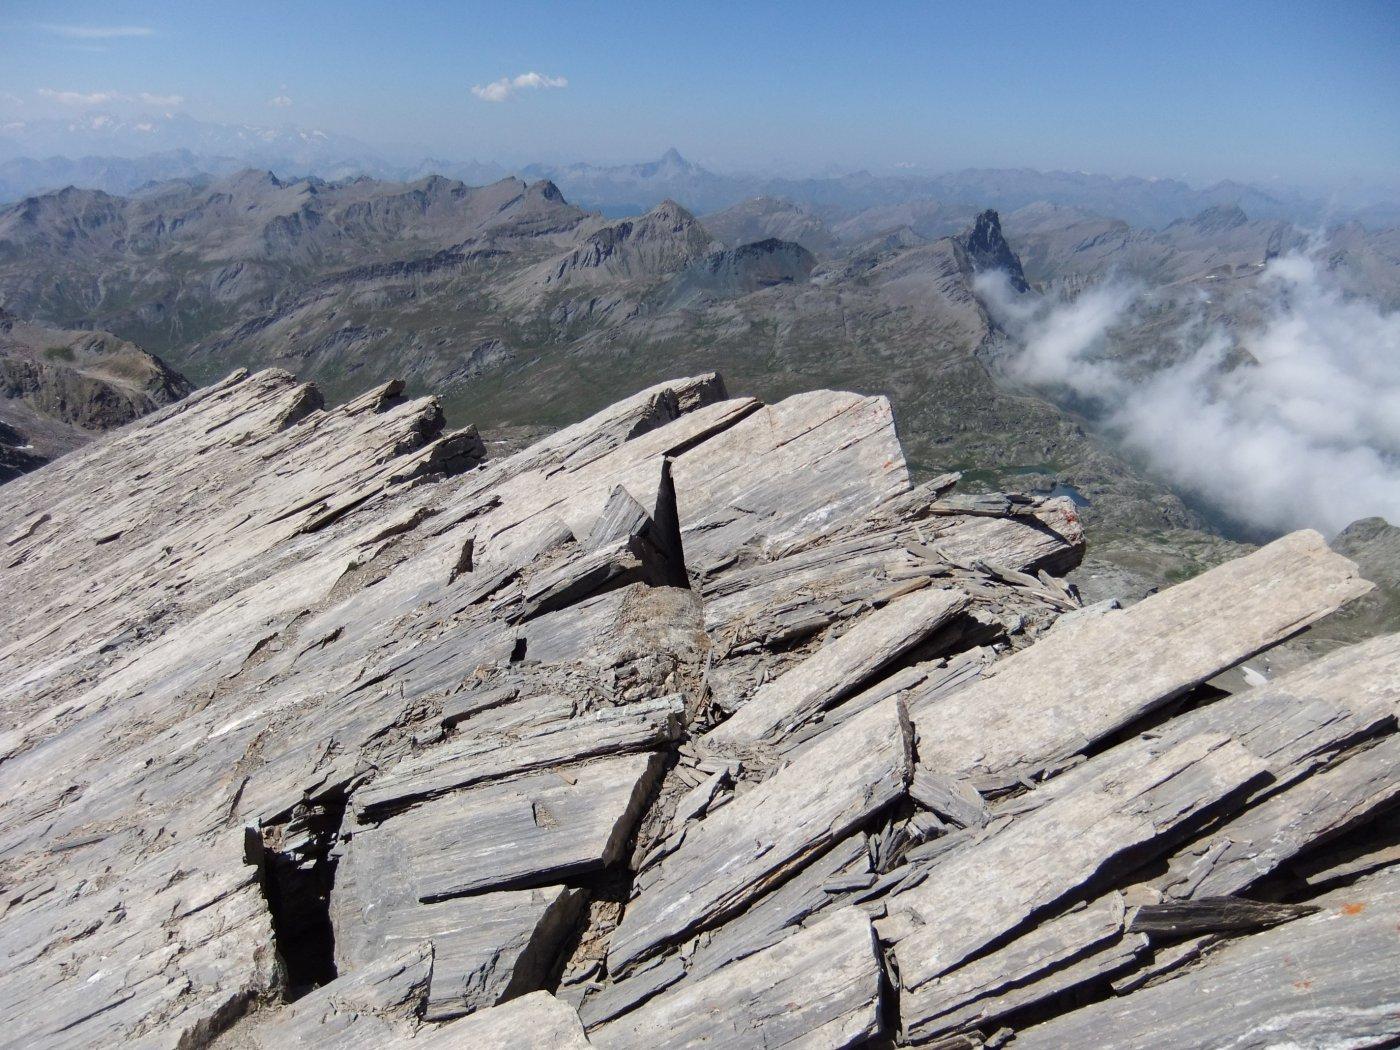 Il roccioso crinale a strapiombo